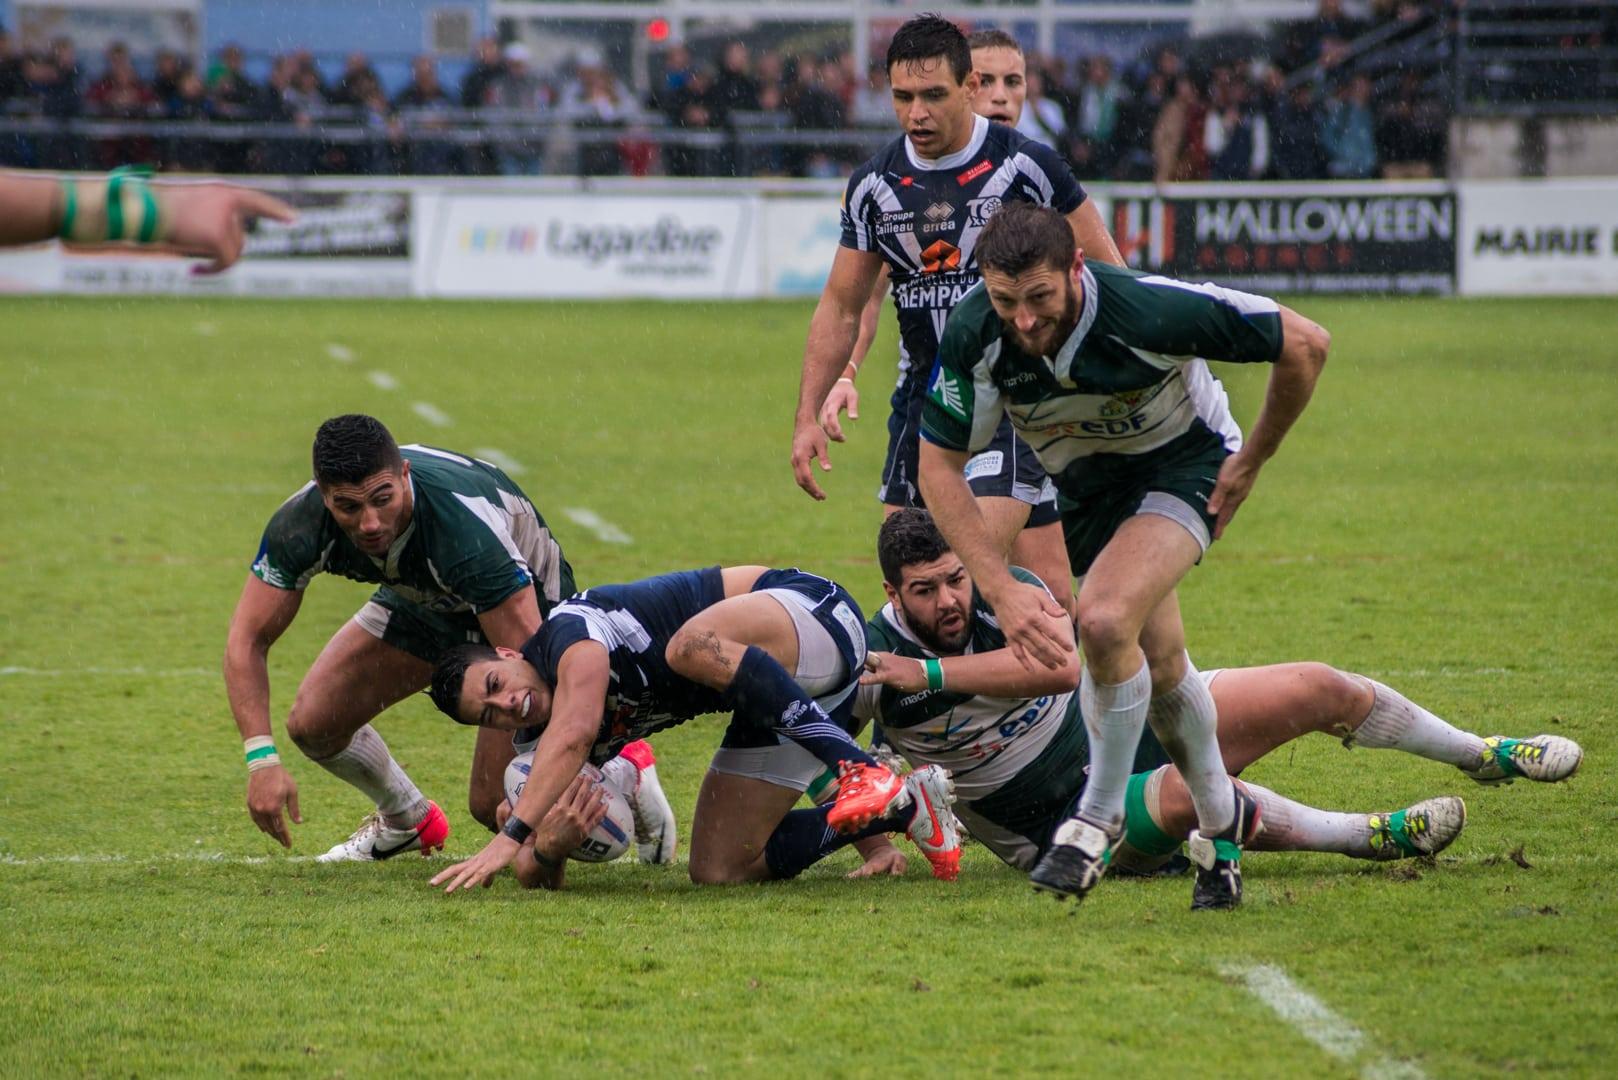 Photo de la demi finale du championnat de France de Rugby à XIII, Toulouse - Villeneuve 16